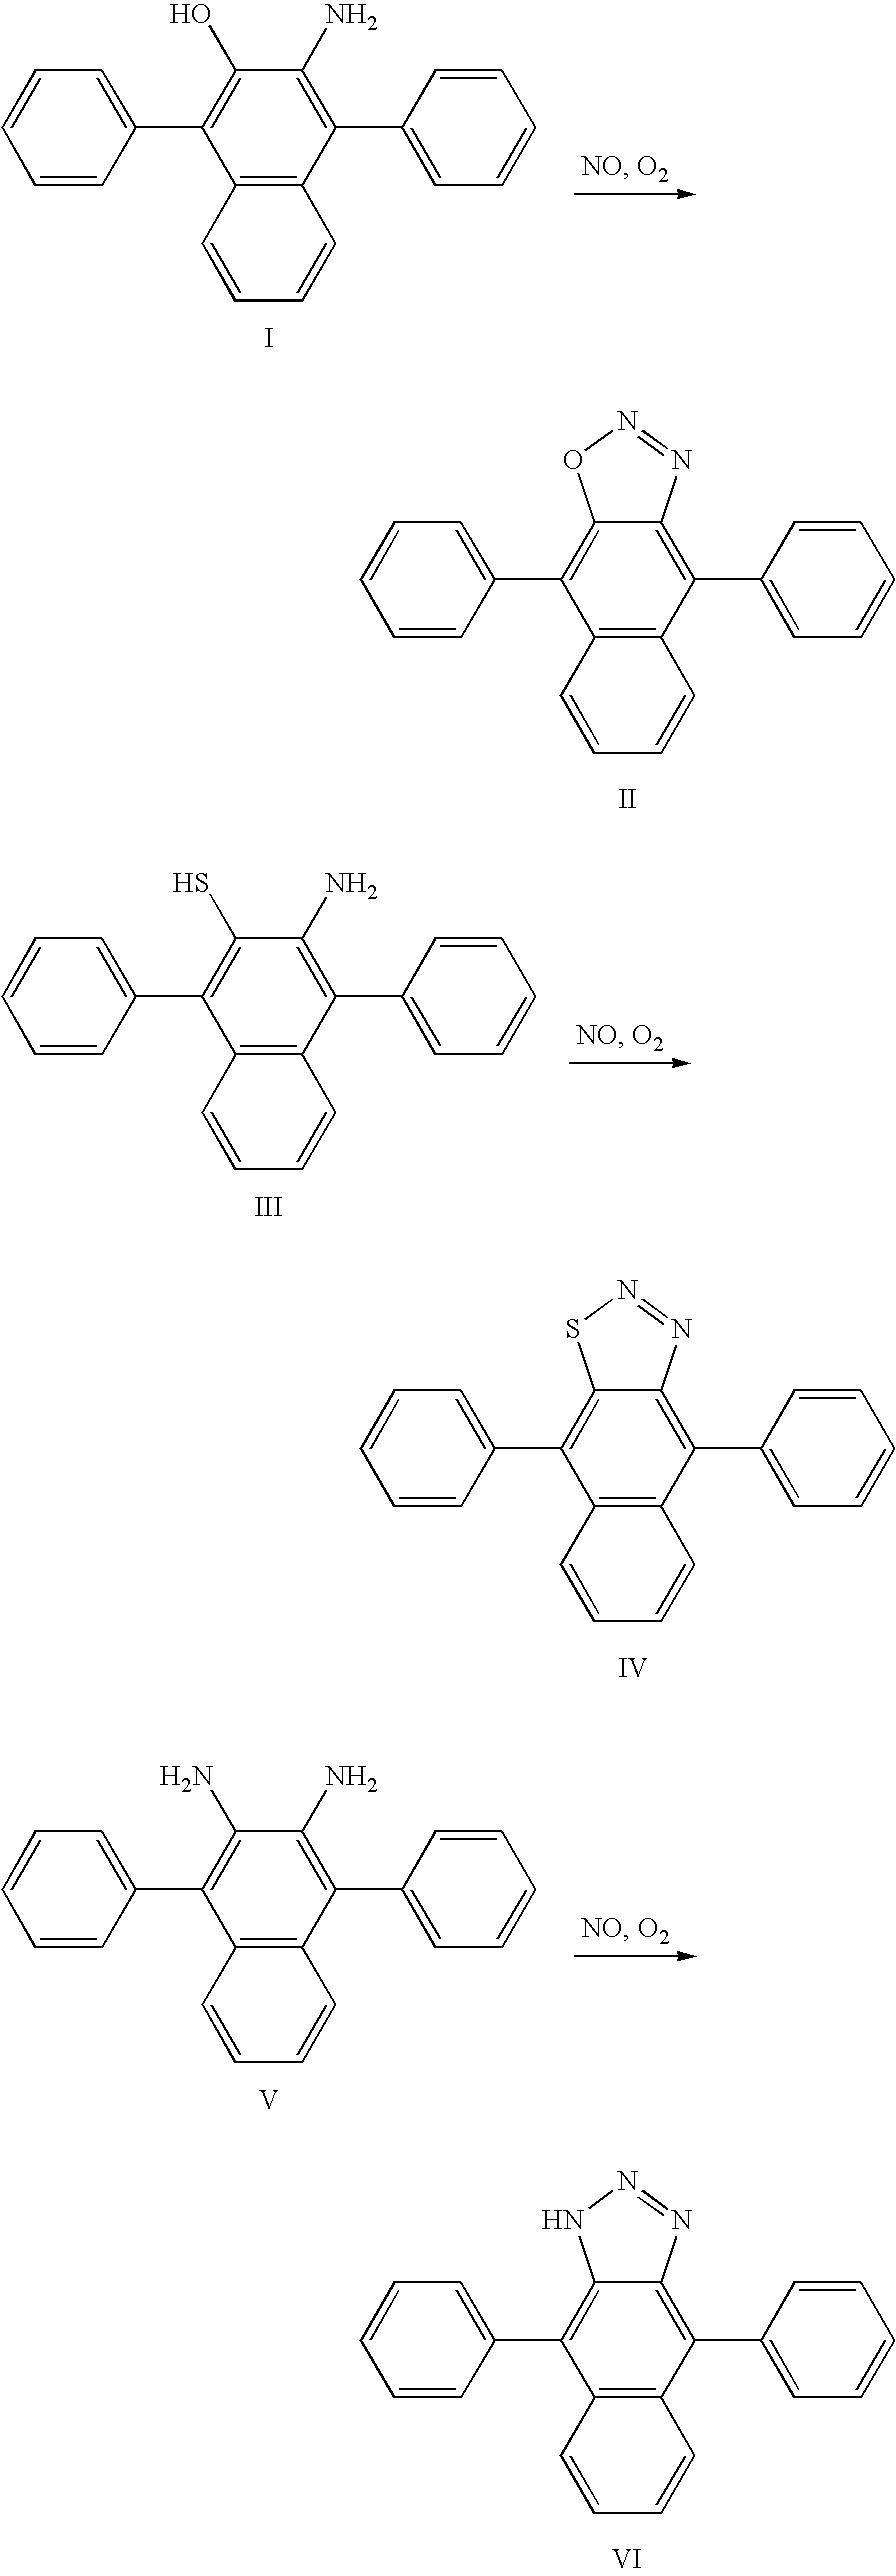 Figure US20060036138A1-20060216-C00001